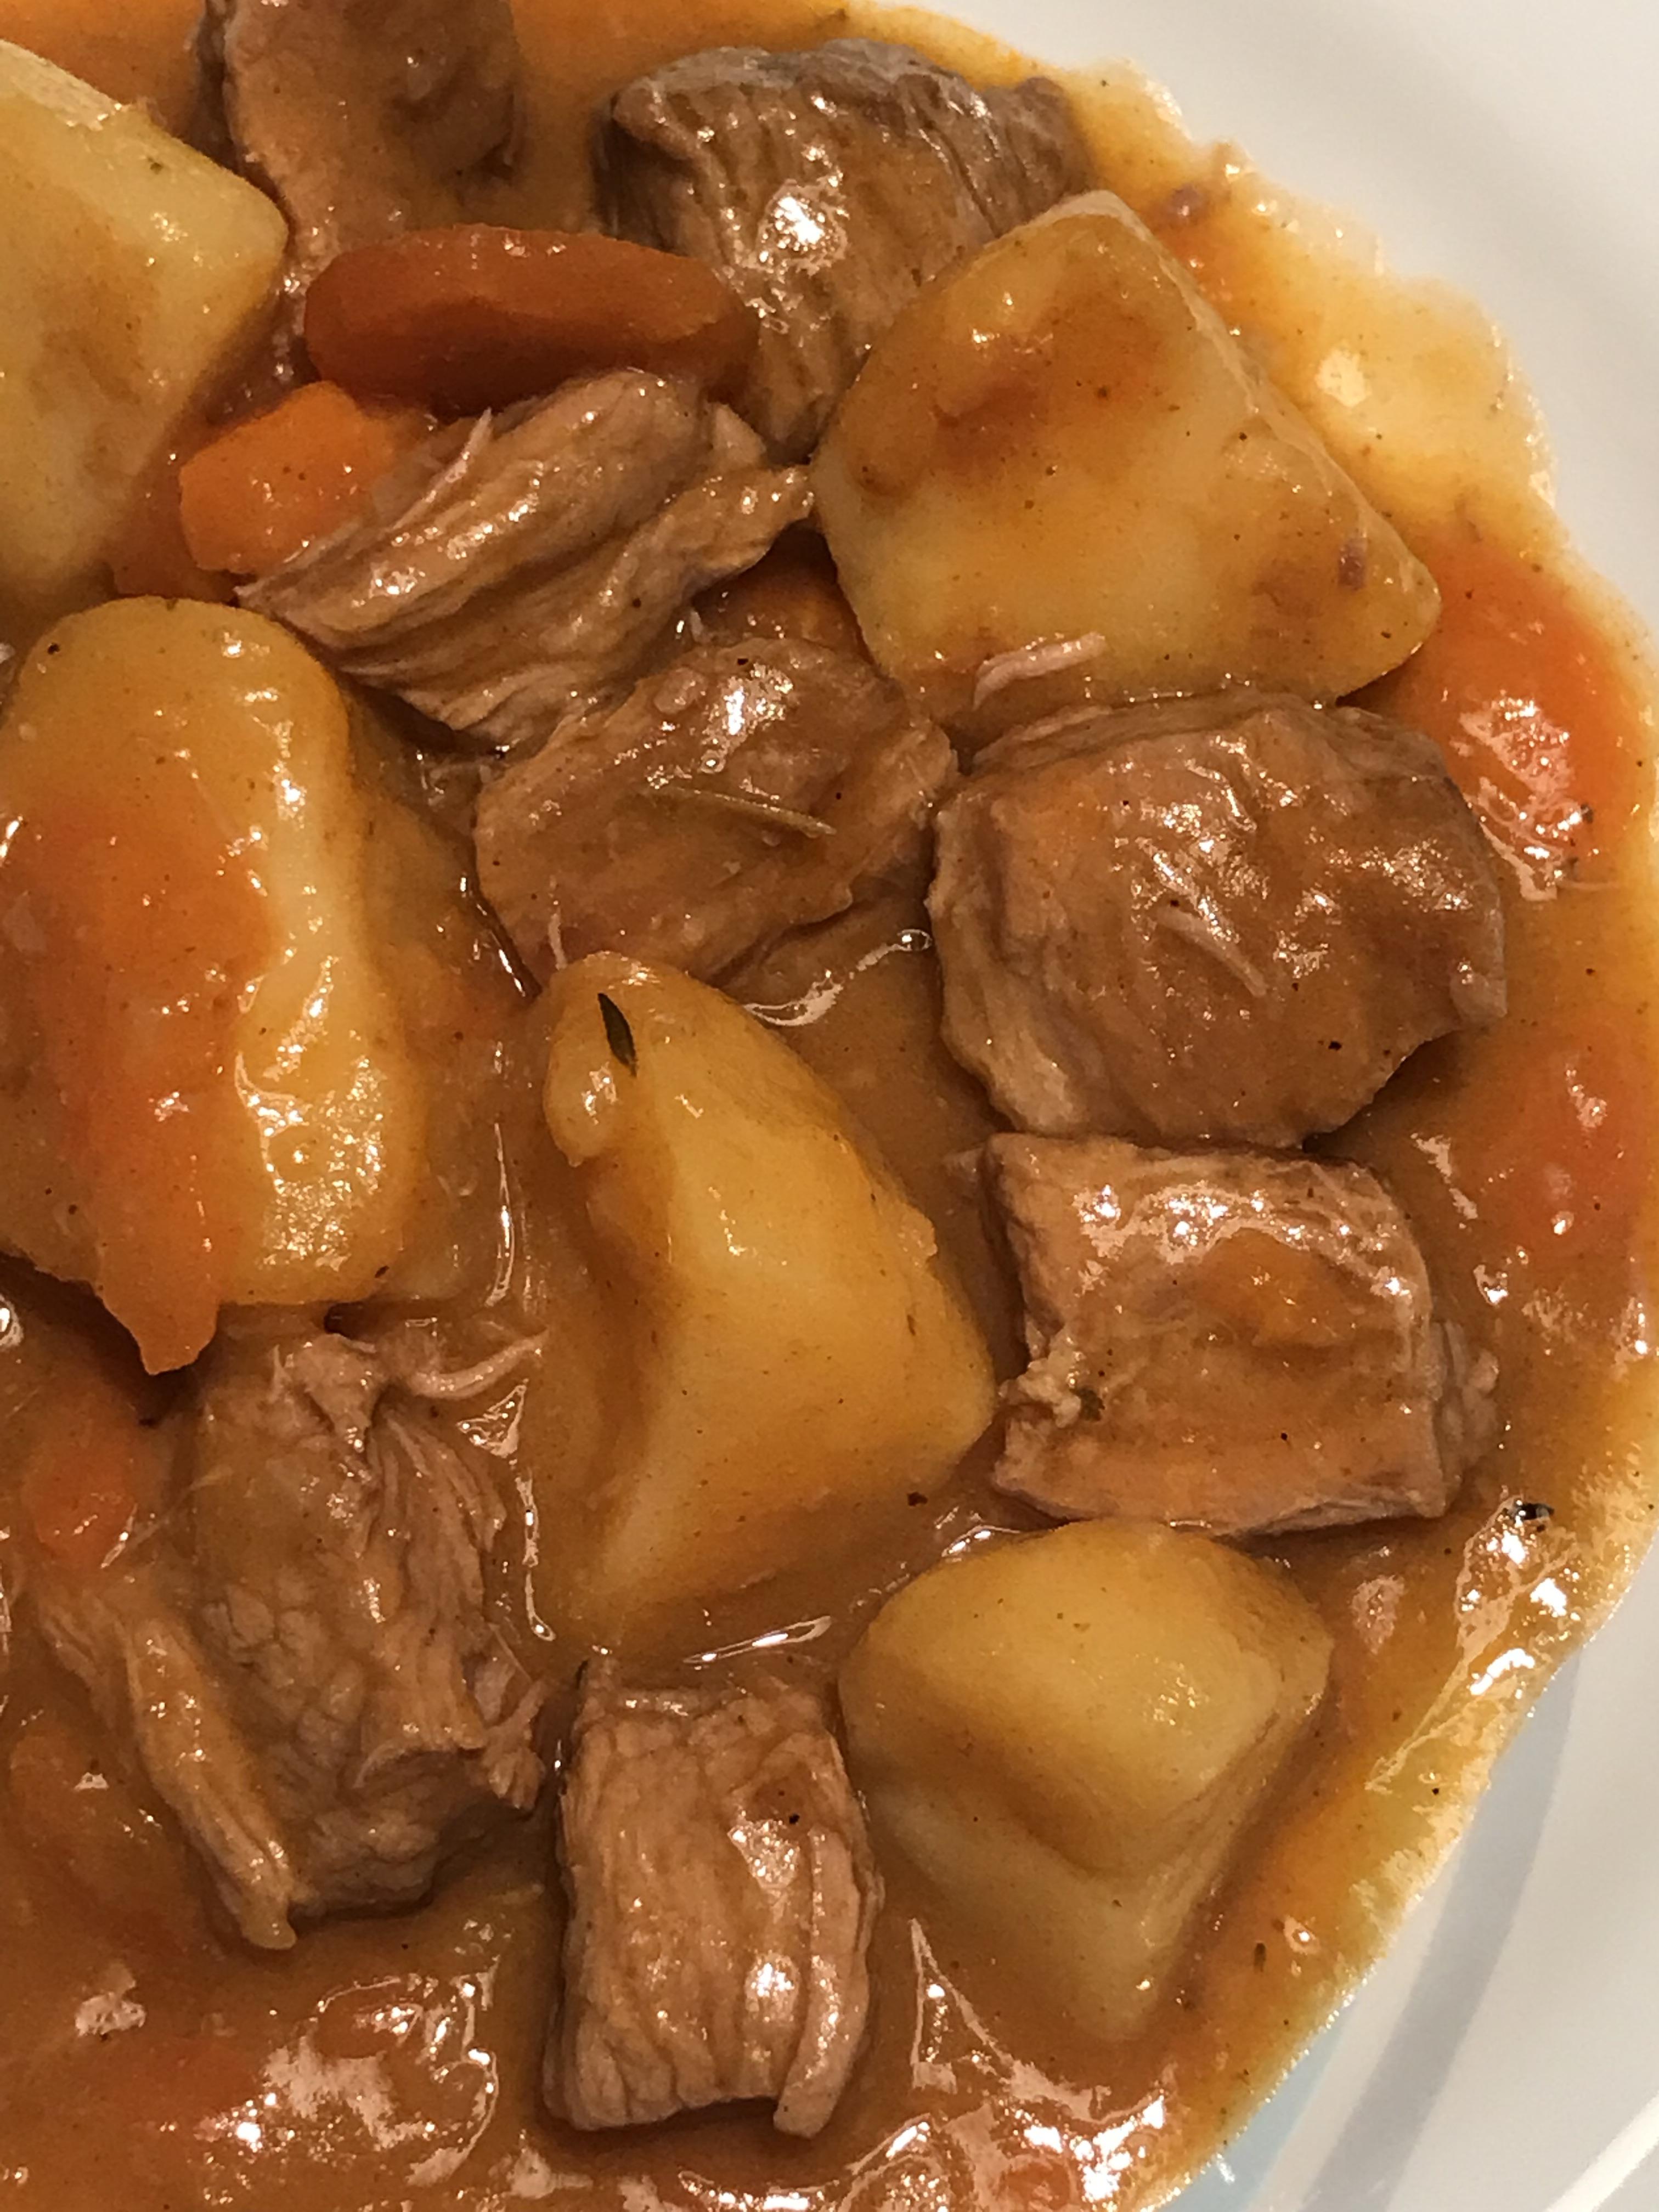 Ragout De Pommes De Terre : ragout, pommes, terre, Ragoût, Boeuf,, Carottes, Pommes, Terre